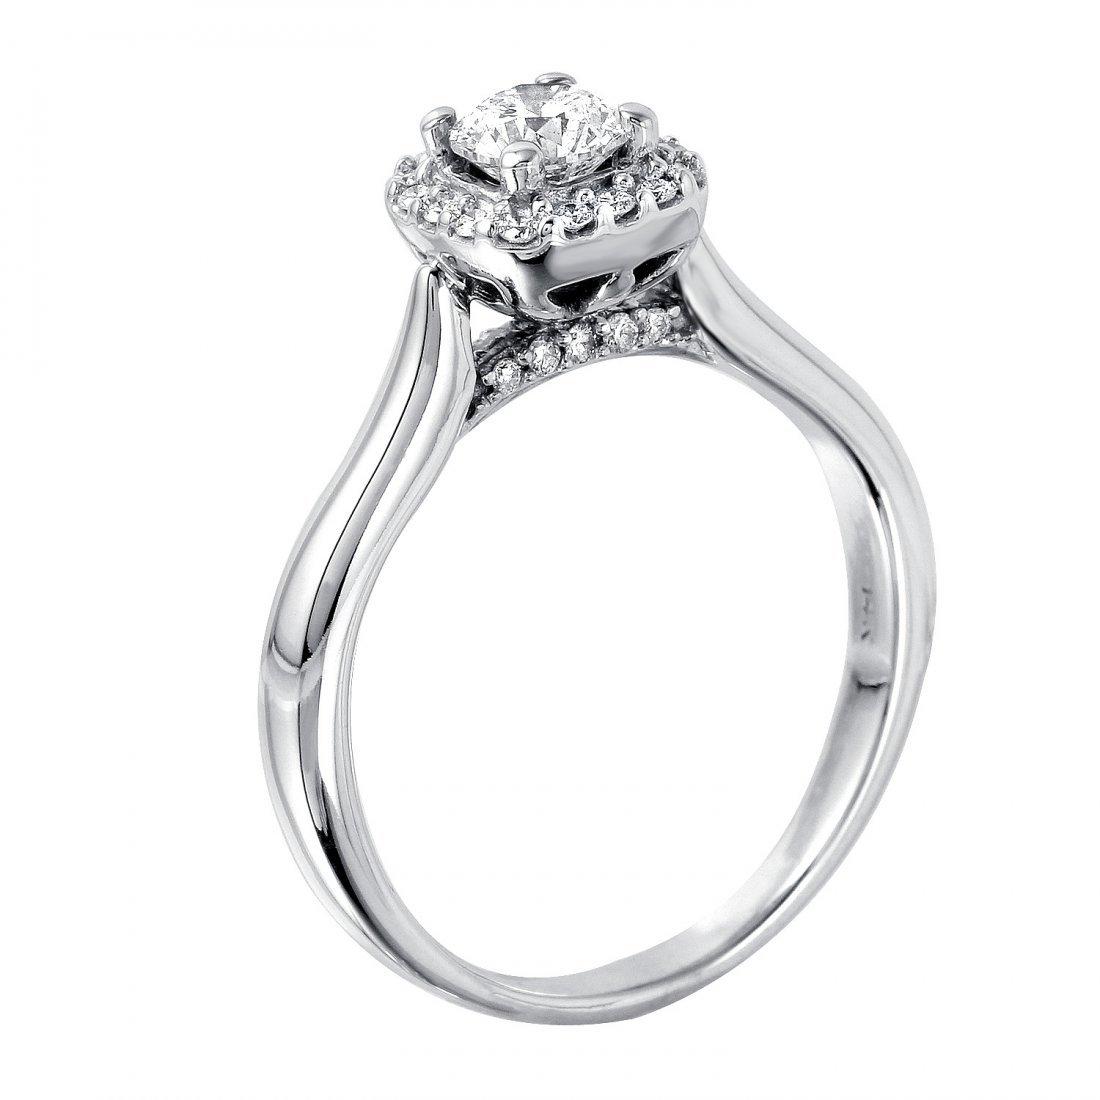 14KT White Gold Diamond Engagement Ring - 2